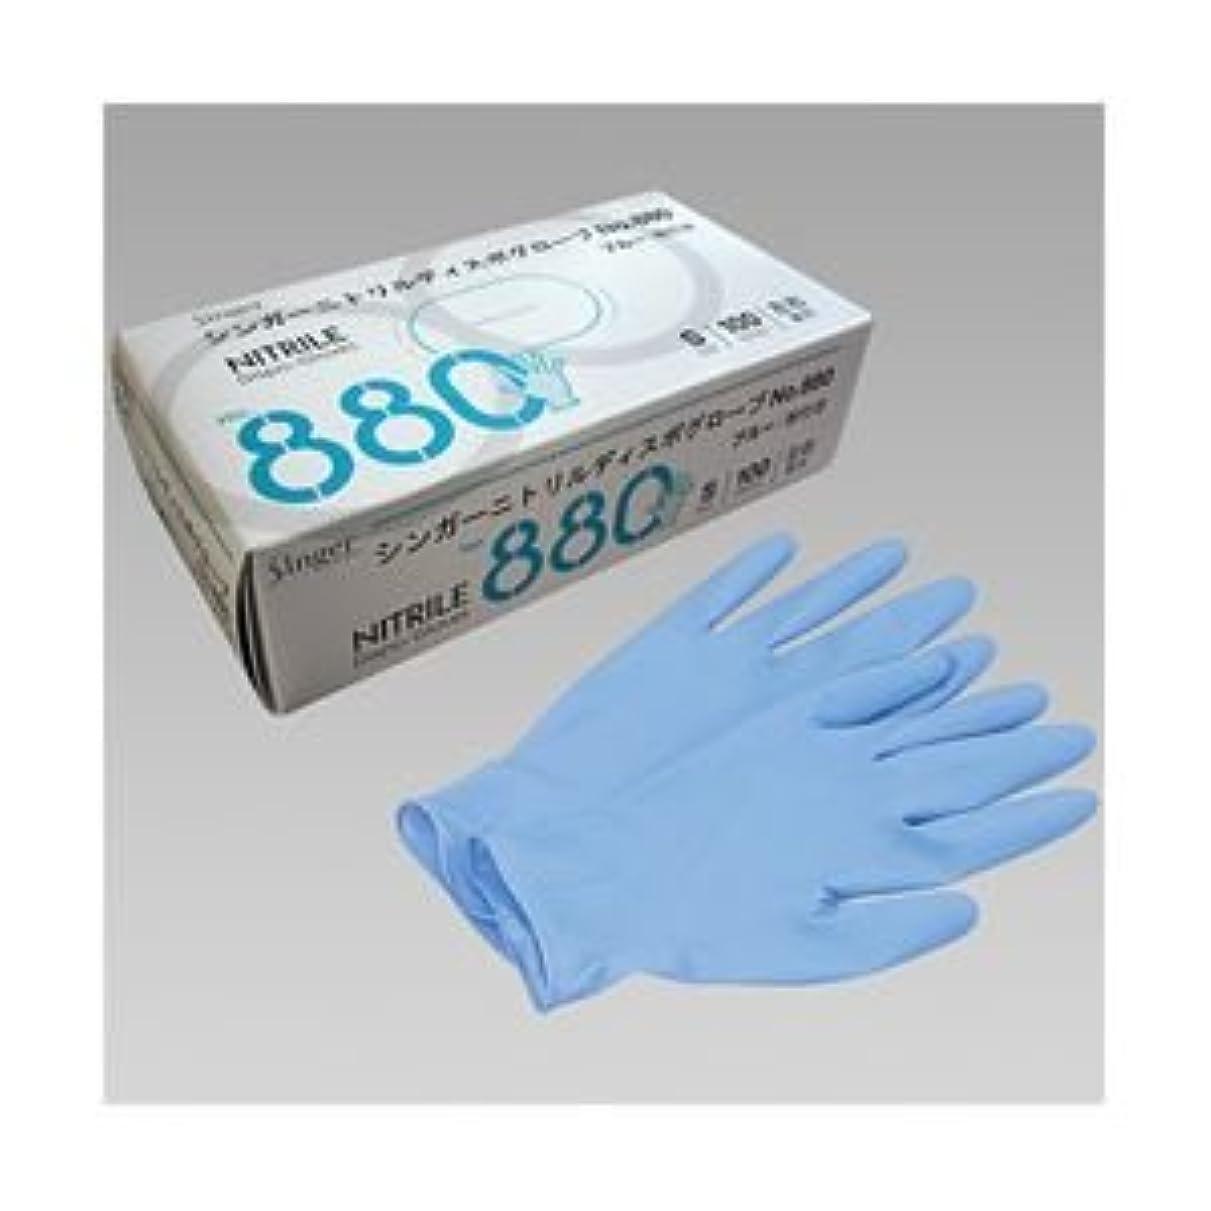 シリング誤先駆者宇都宮製作 ニトリル手袋 粉付き ブルー S 1箱(100枚) ×5セット